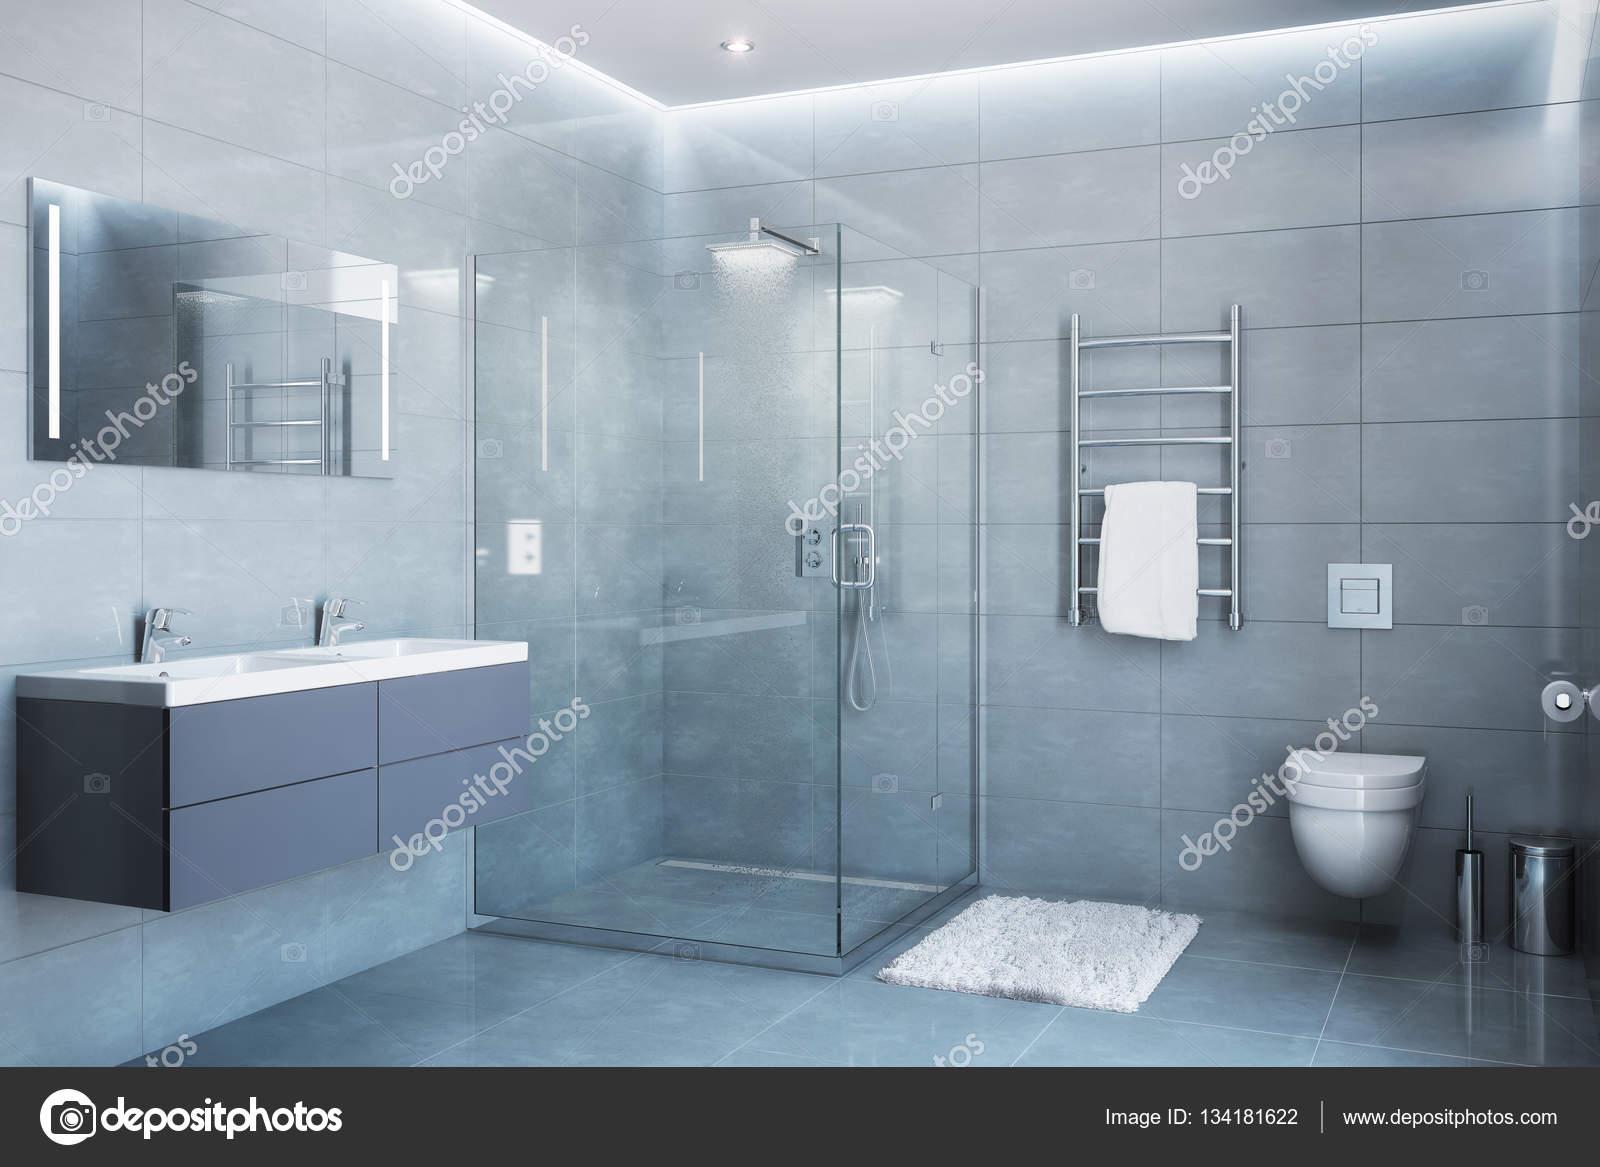 bagno con doccia moderno grigio alla luce del giorno ? foto stock ... - Bagni Con Doccia Moderni